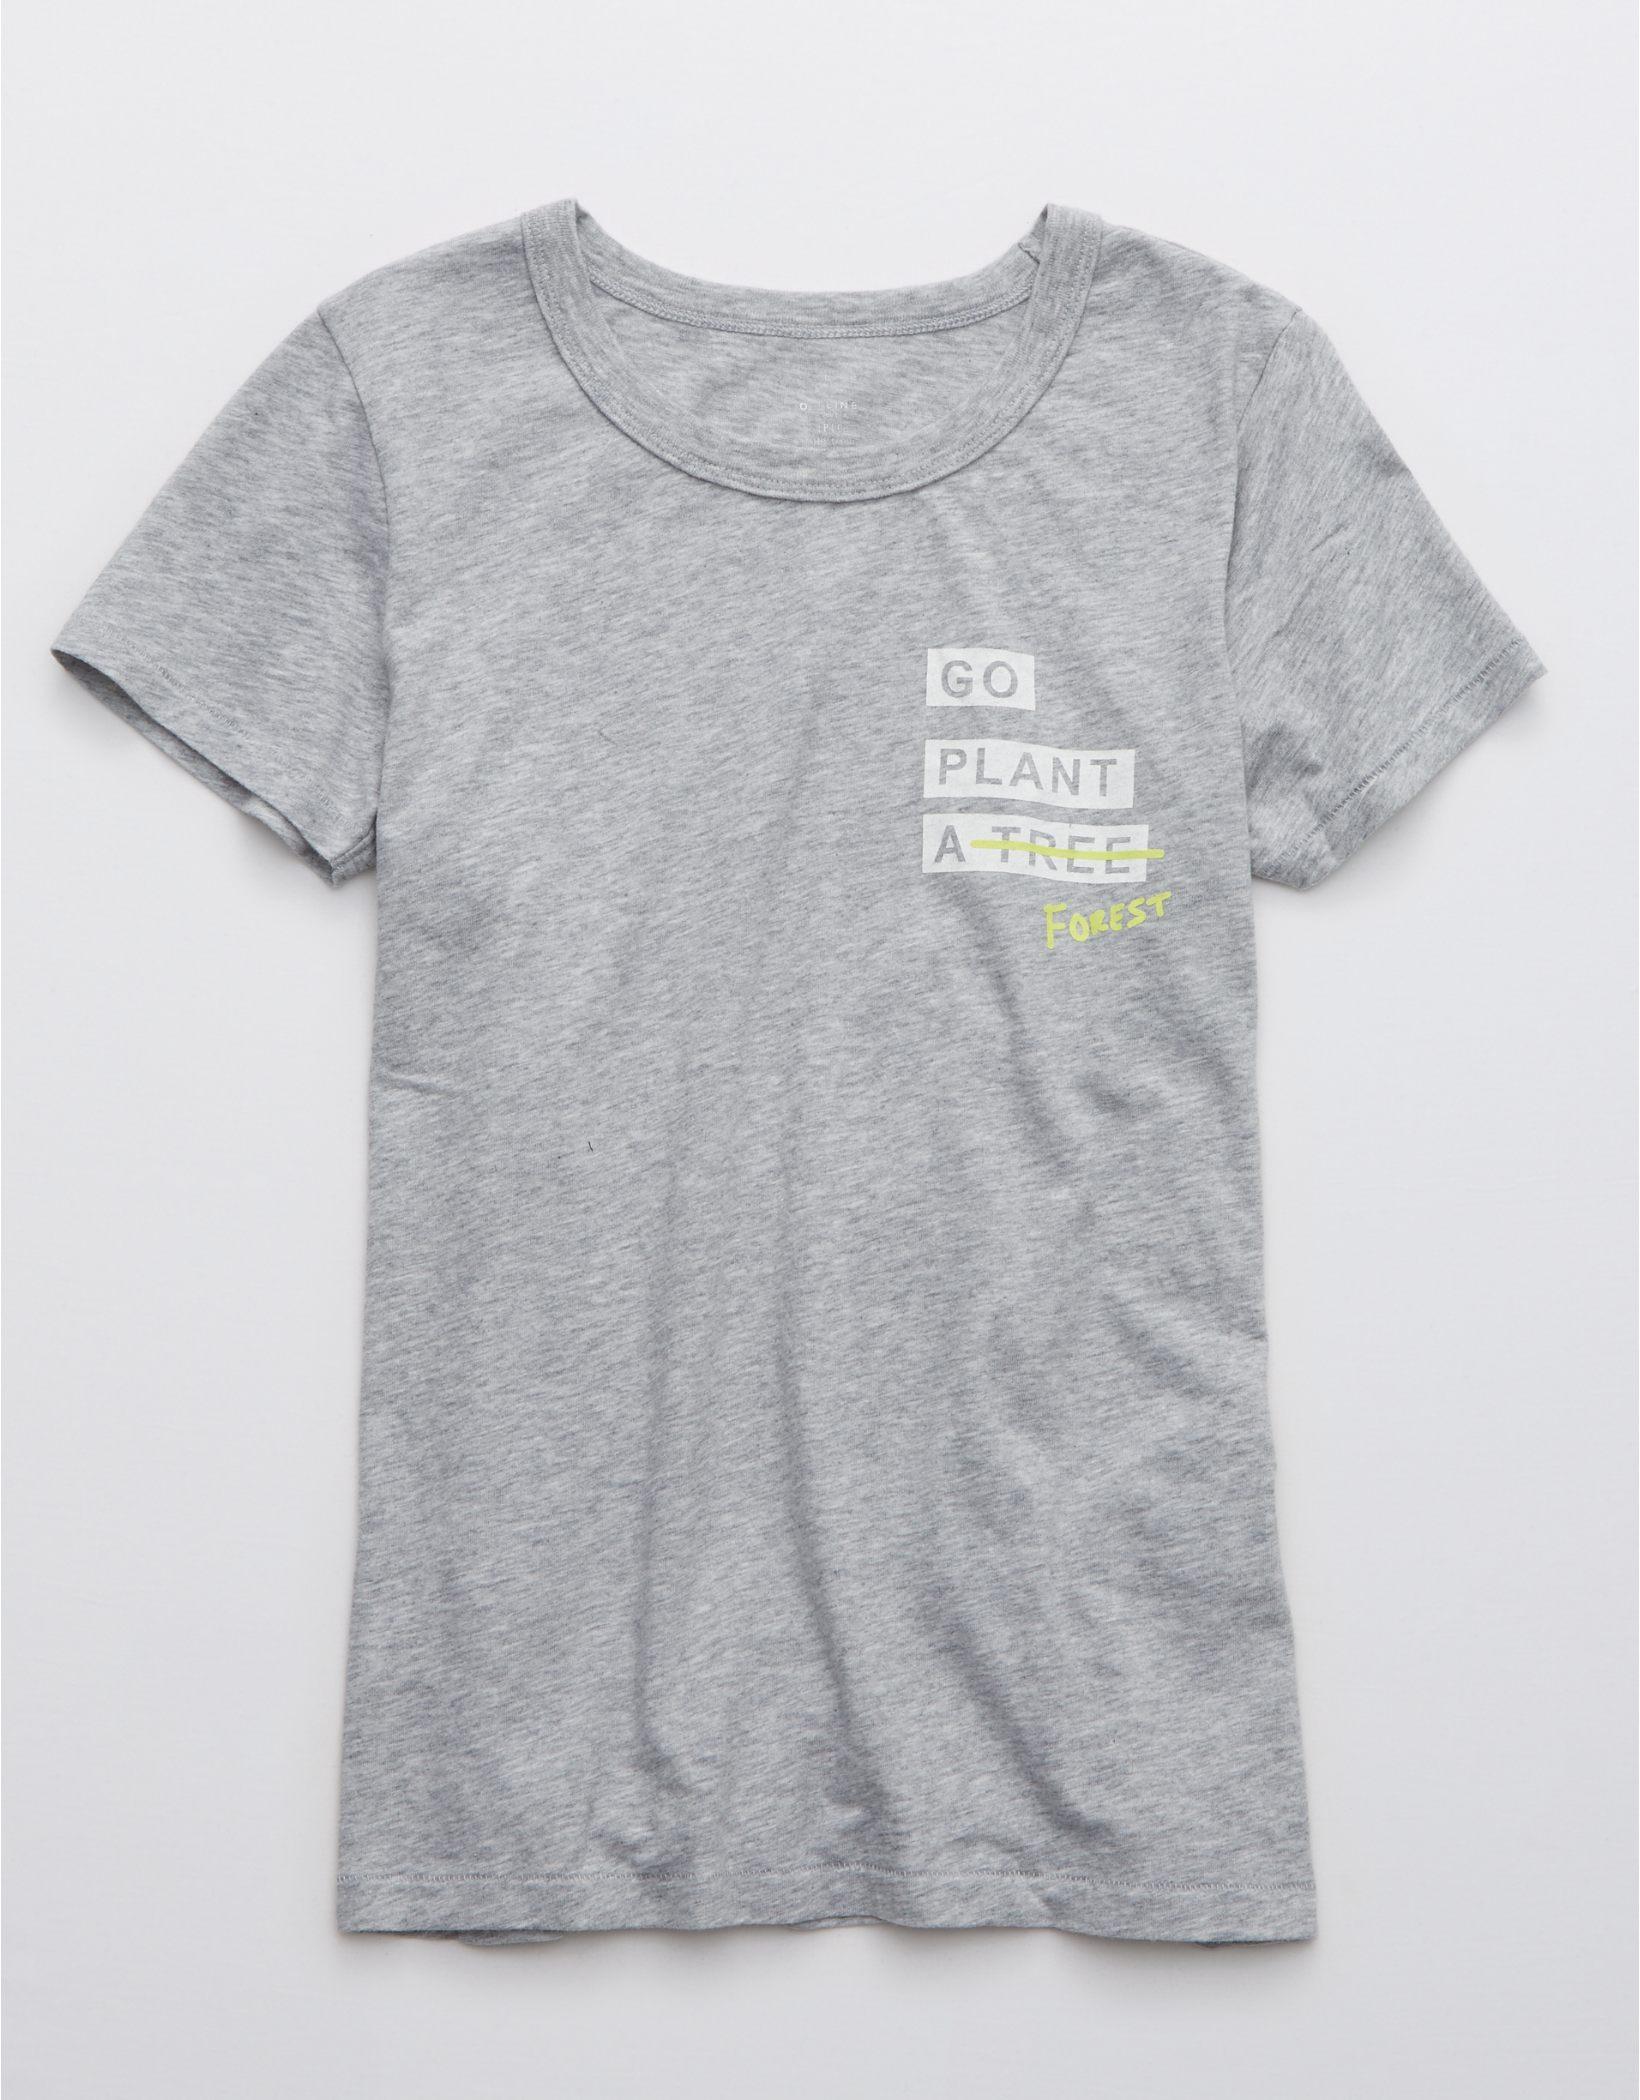 Aerie Cotton Crewneck T-Shirt